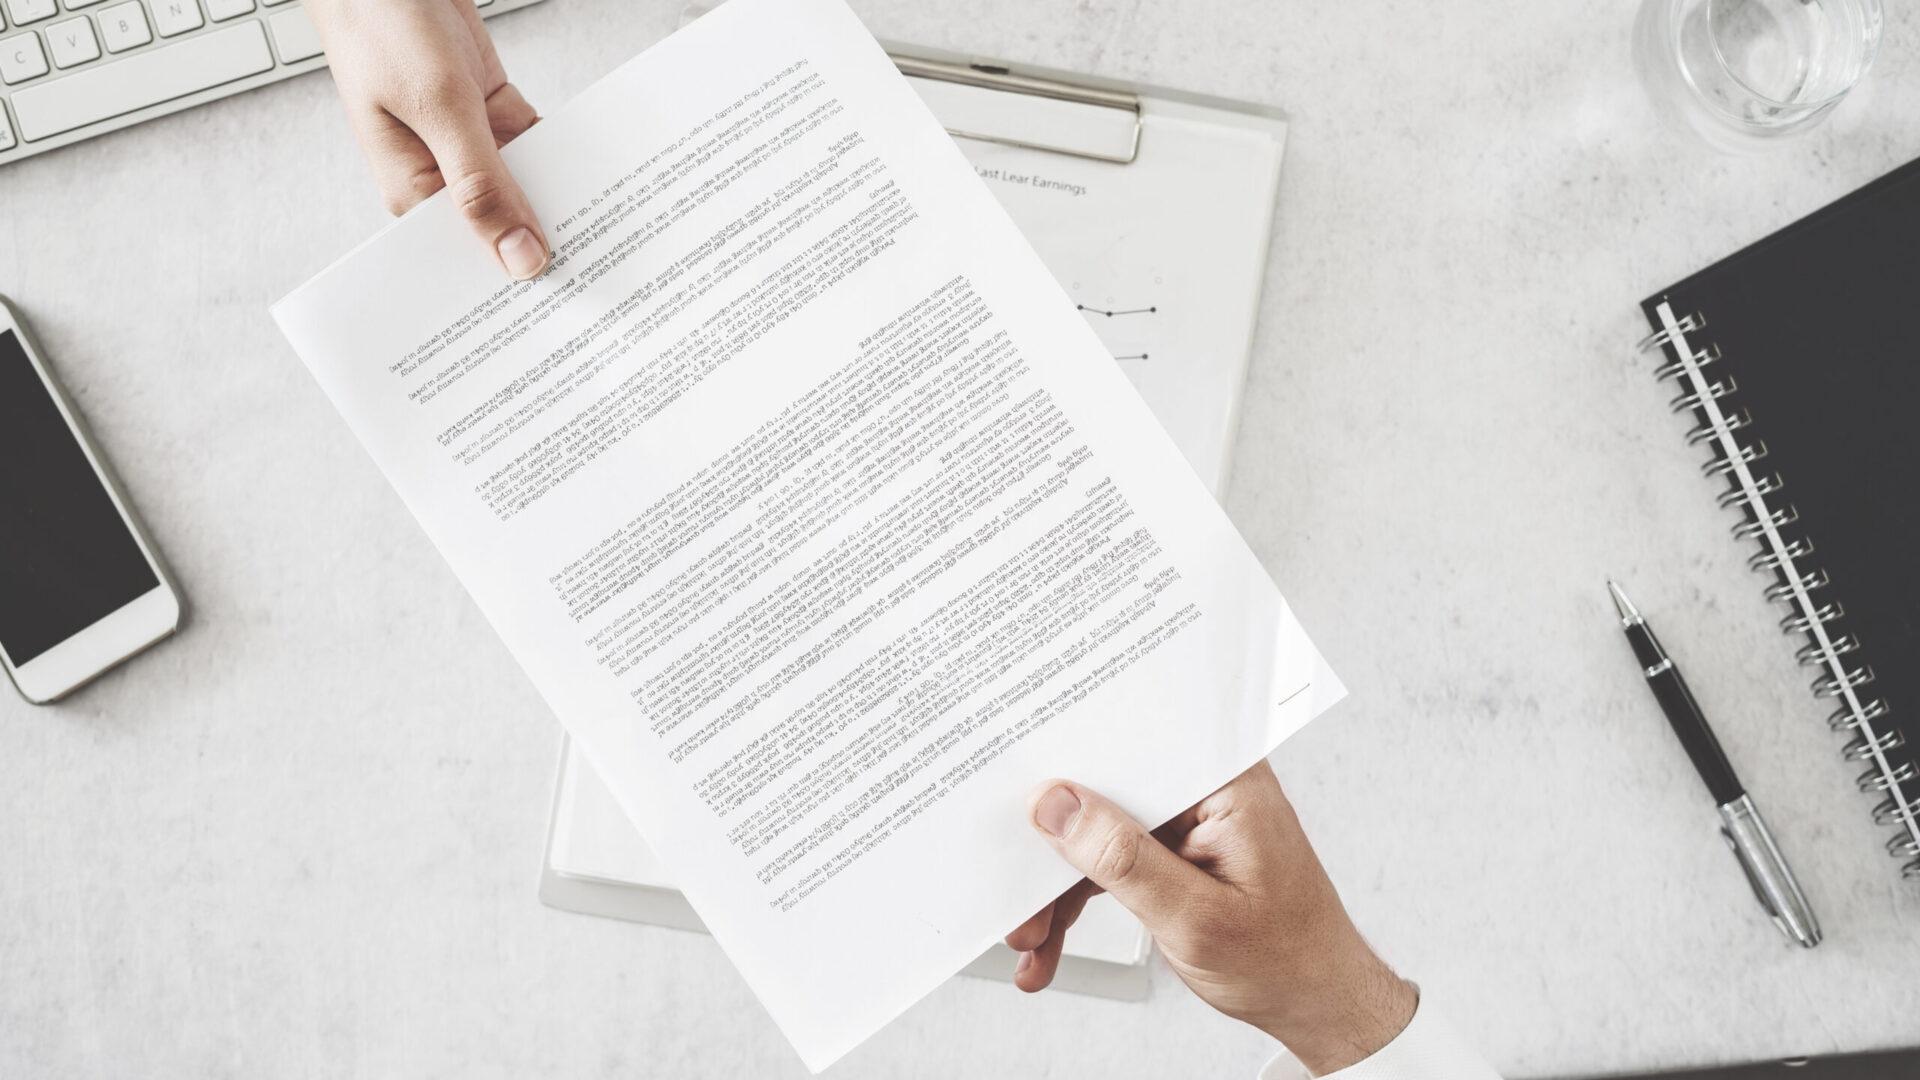 Składanie dokumentów do KRS po nowelizacji 1 lipca 2021 roku